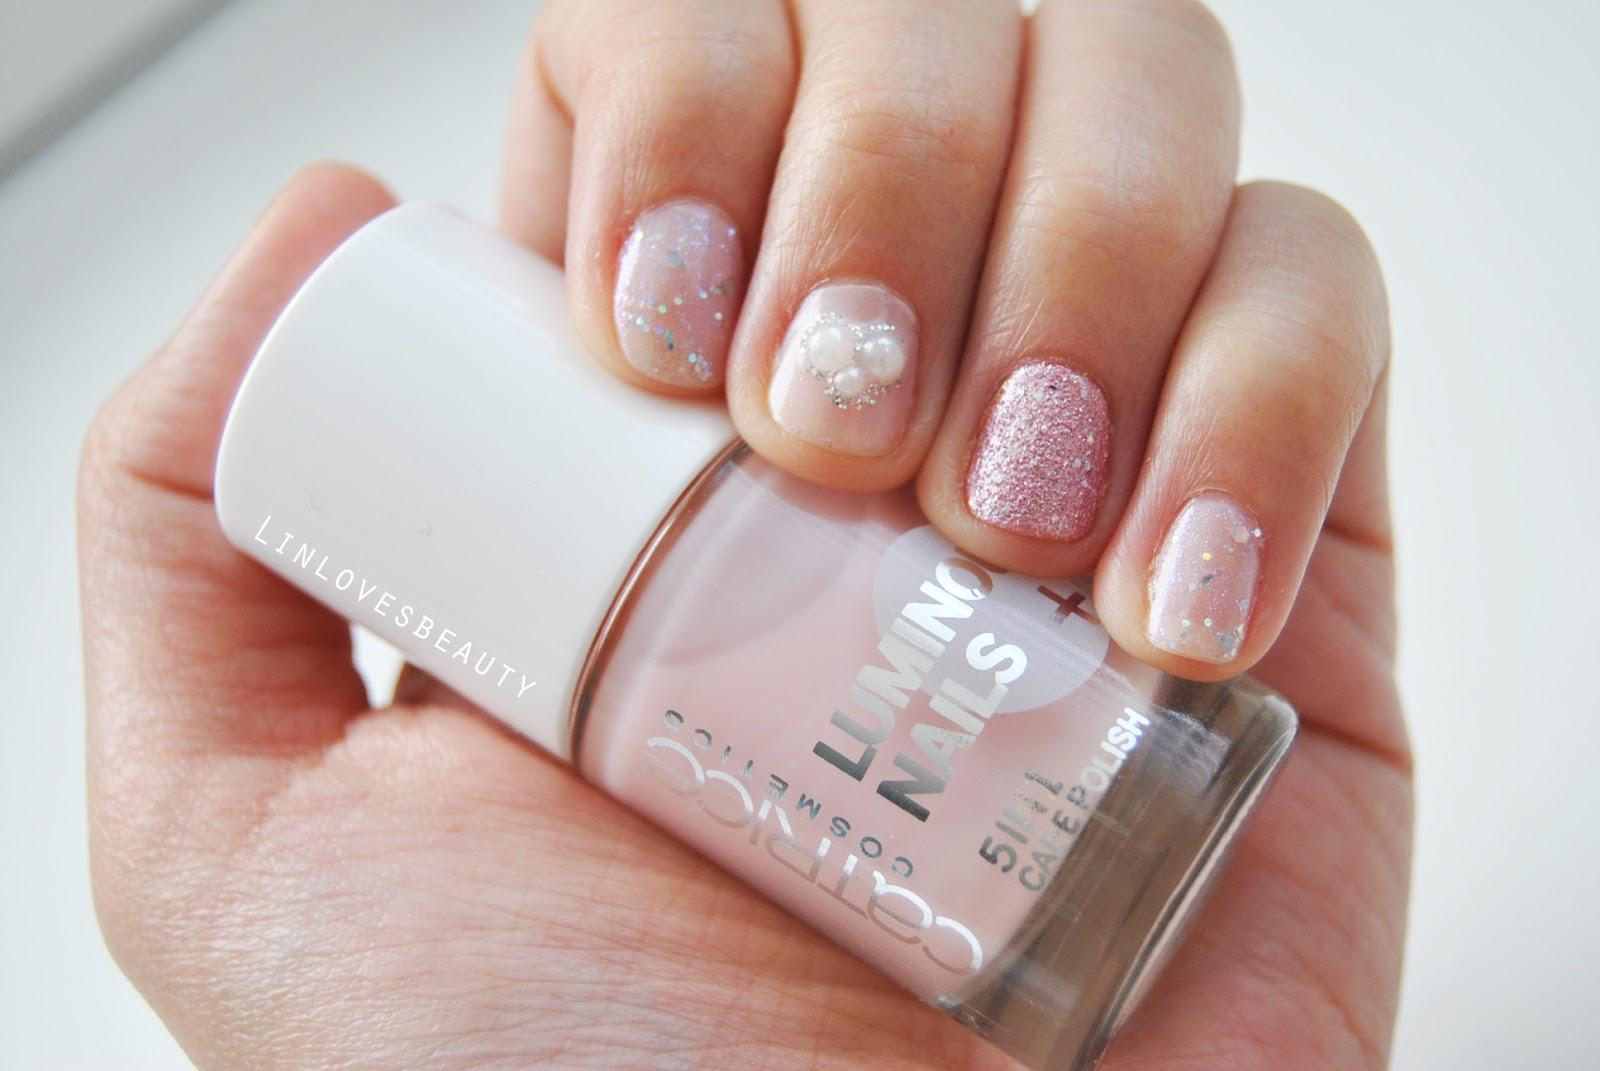 linlovesbeauty pink glitter nails. Black Bedroom Furniture Sets. Home Design Ideas